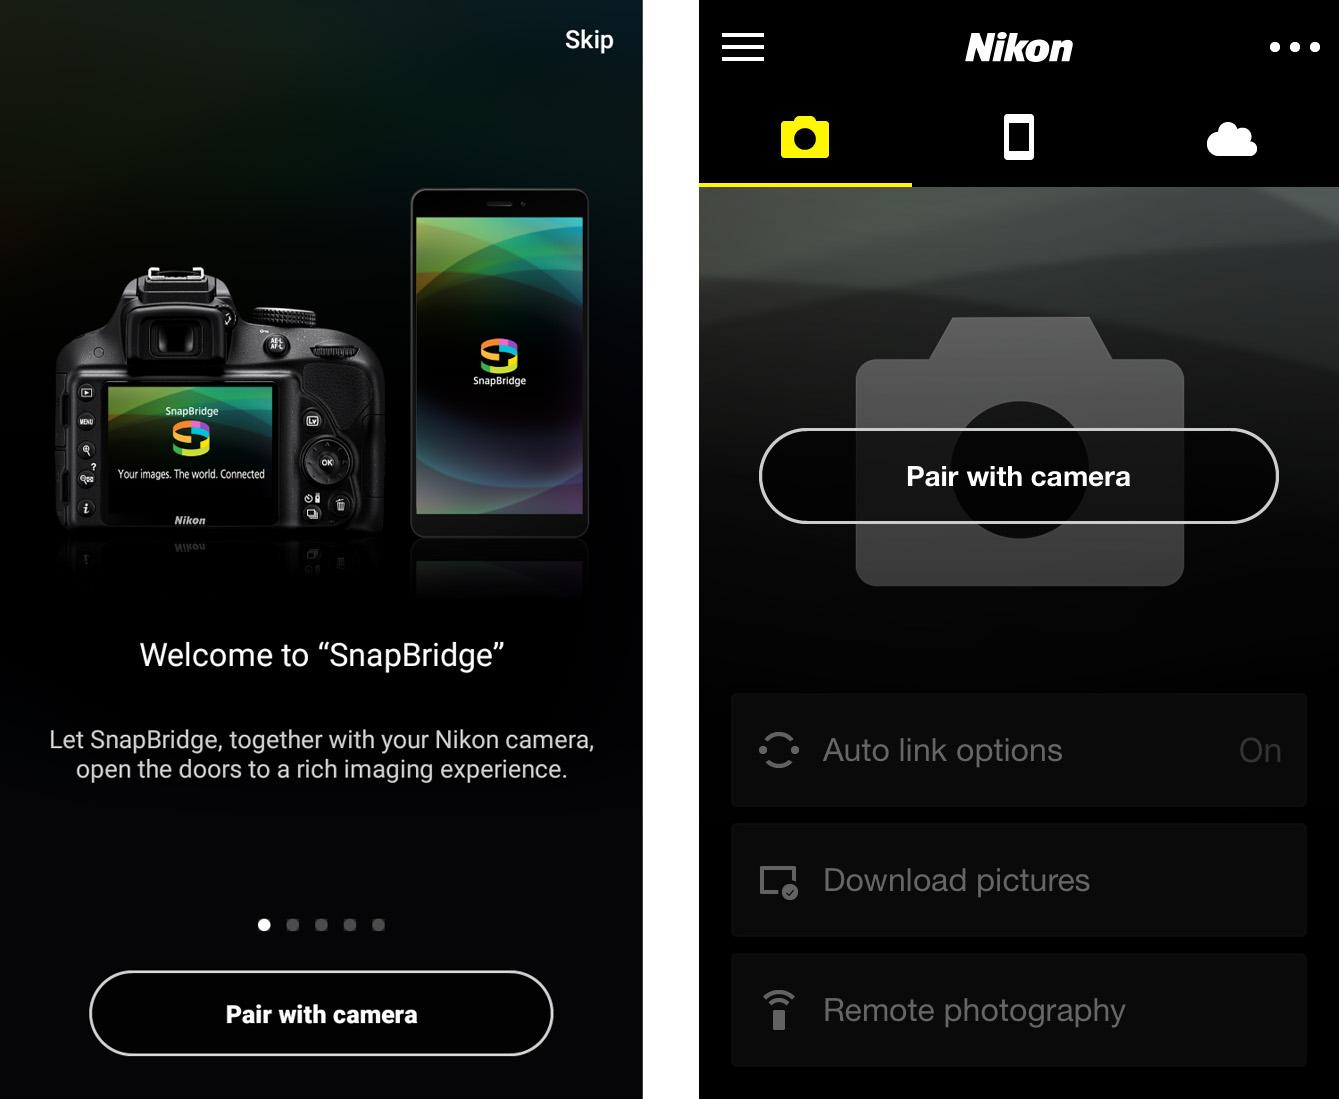 SnapBridge bez problémů: Jak spárovat fotoaparát s chytrým zařízením